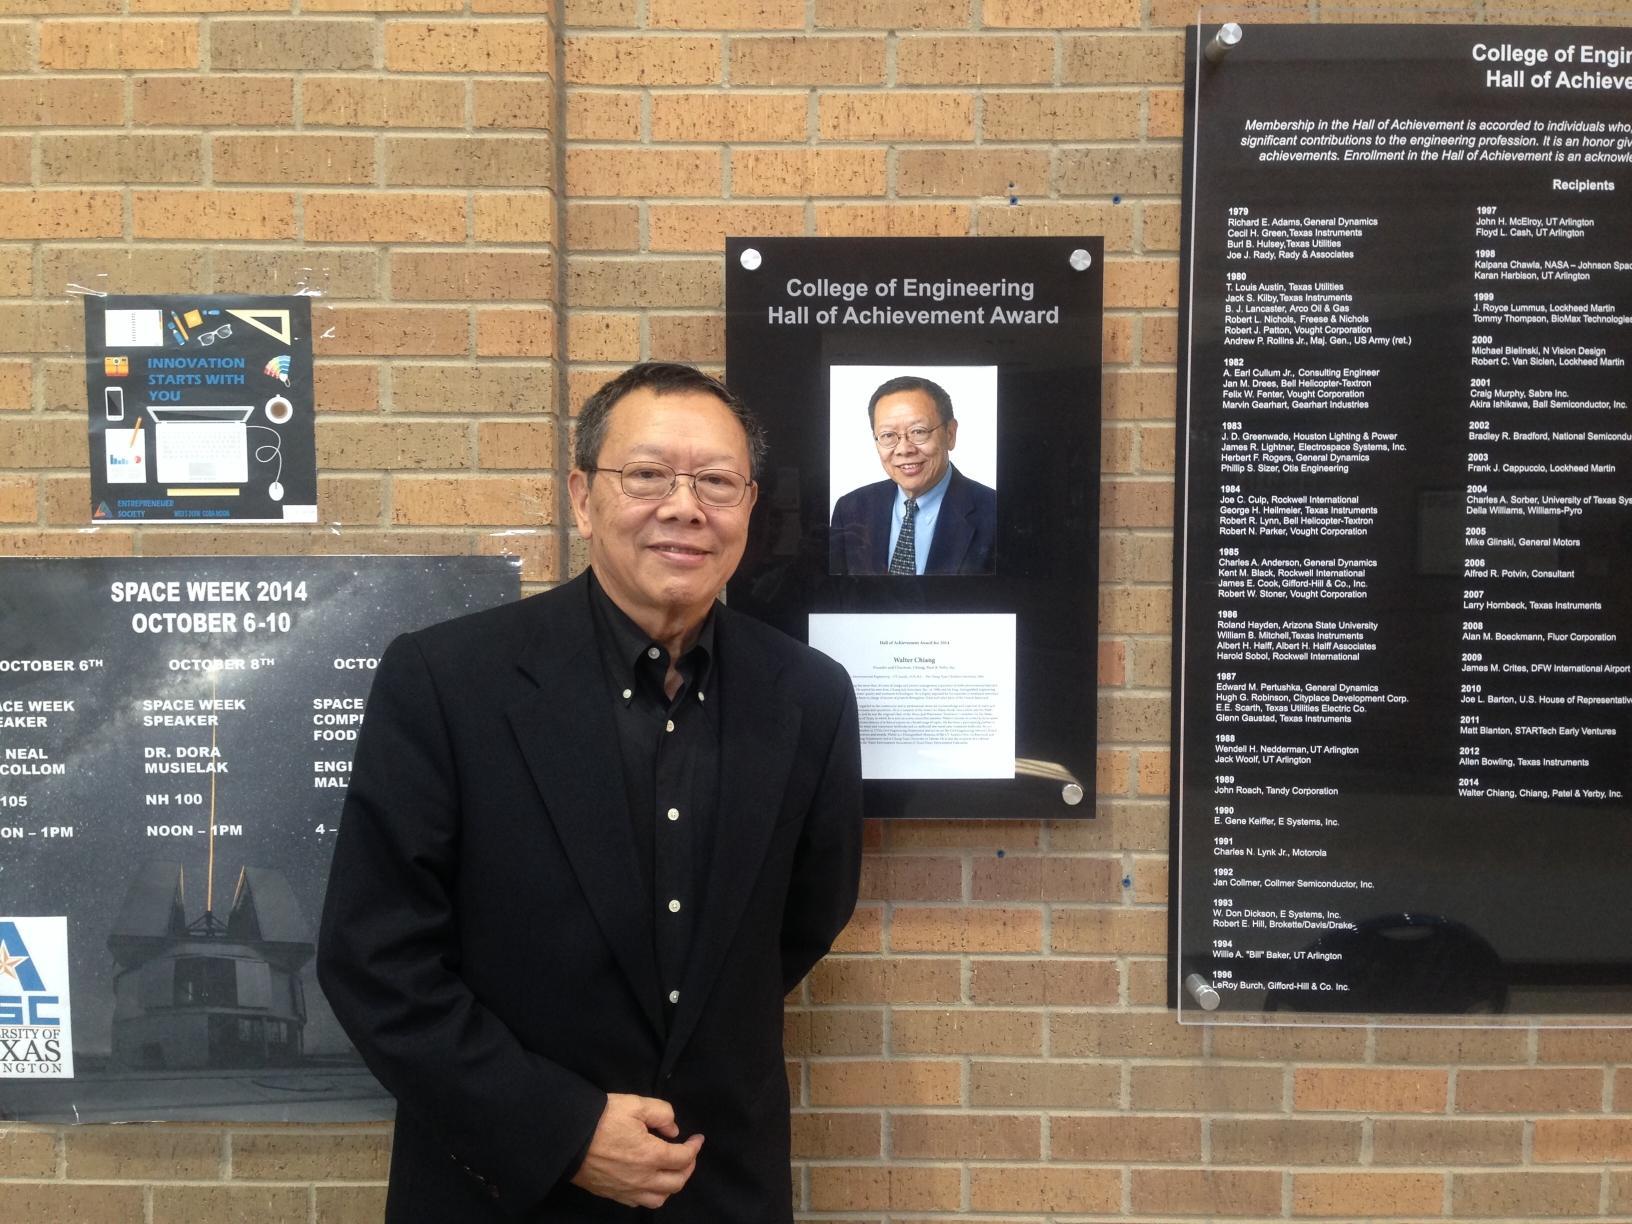 恭賀姜文焯校友 榮獲德克薩斯大學阿靈頓分校傑出成就獎